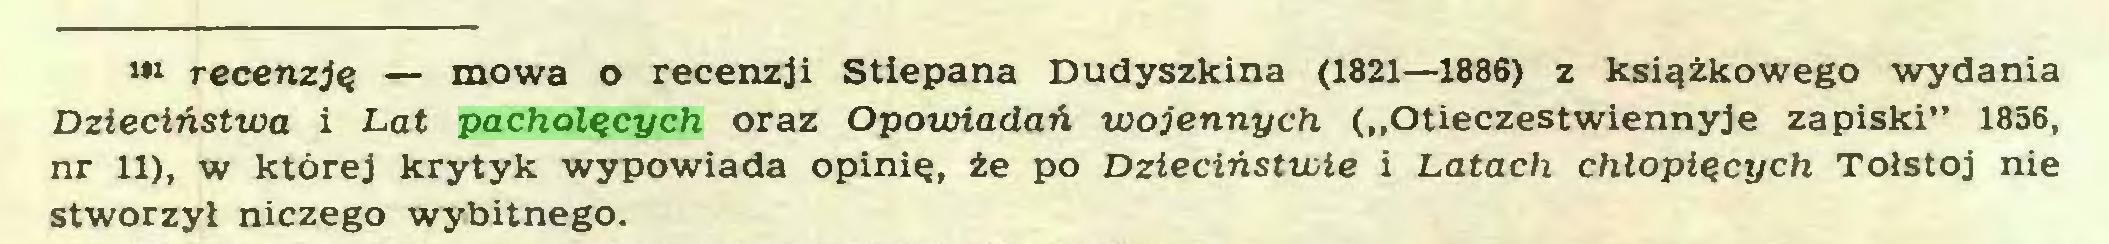 """(...) recenzją — mowa o recenzji Stiepana Dudyszkina (1821—1886) z książkowego wydania Dzieciństwa i Lat pacholących oraz Opowiadań wojennych (""""Otieczestwiennyje zapiski"""" 1856, nr 11), w której krytyk wypowiada opinię, że po Dzieciństwie i Latach chłopięcych Tołstoj nie stworzył niczego wybitnego..."""